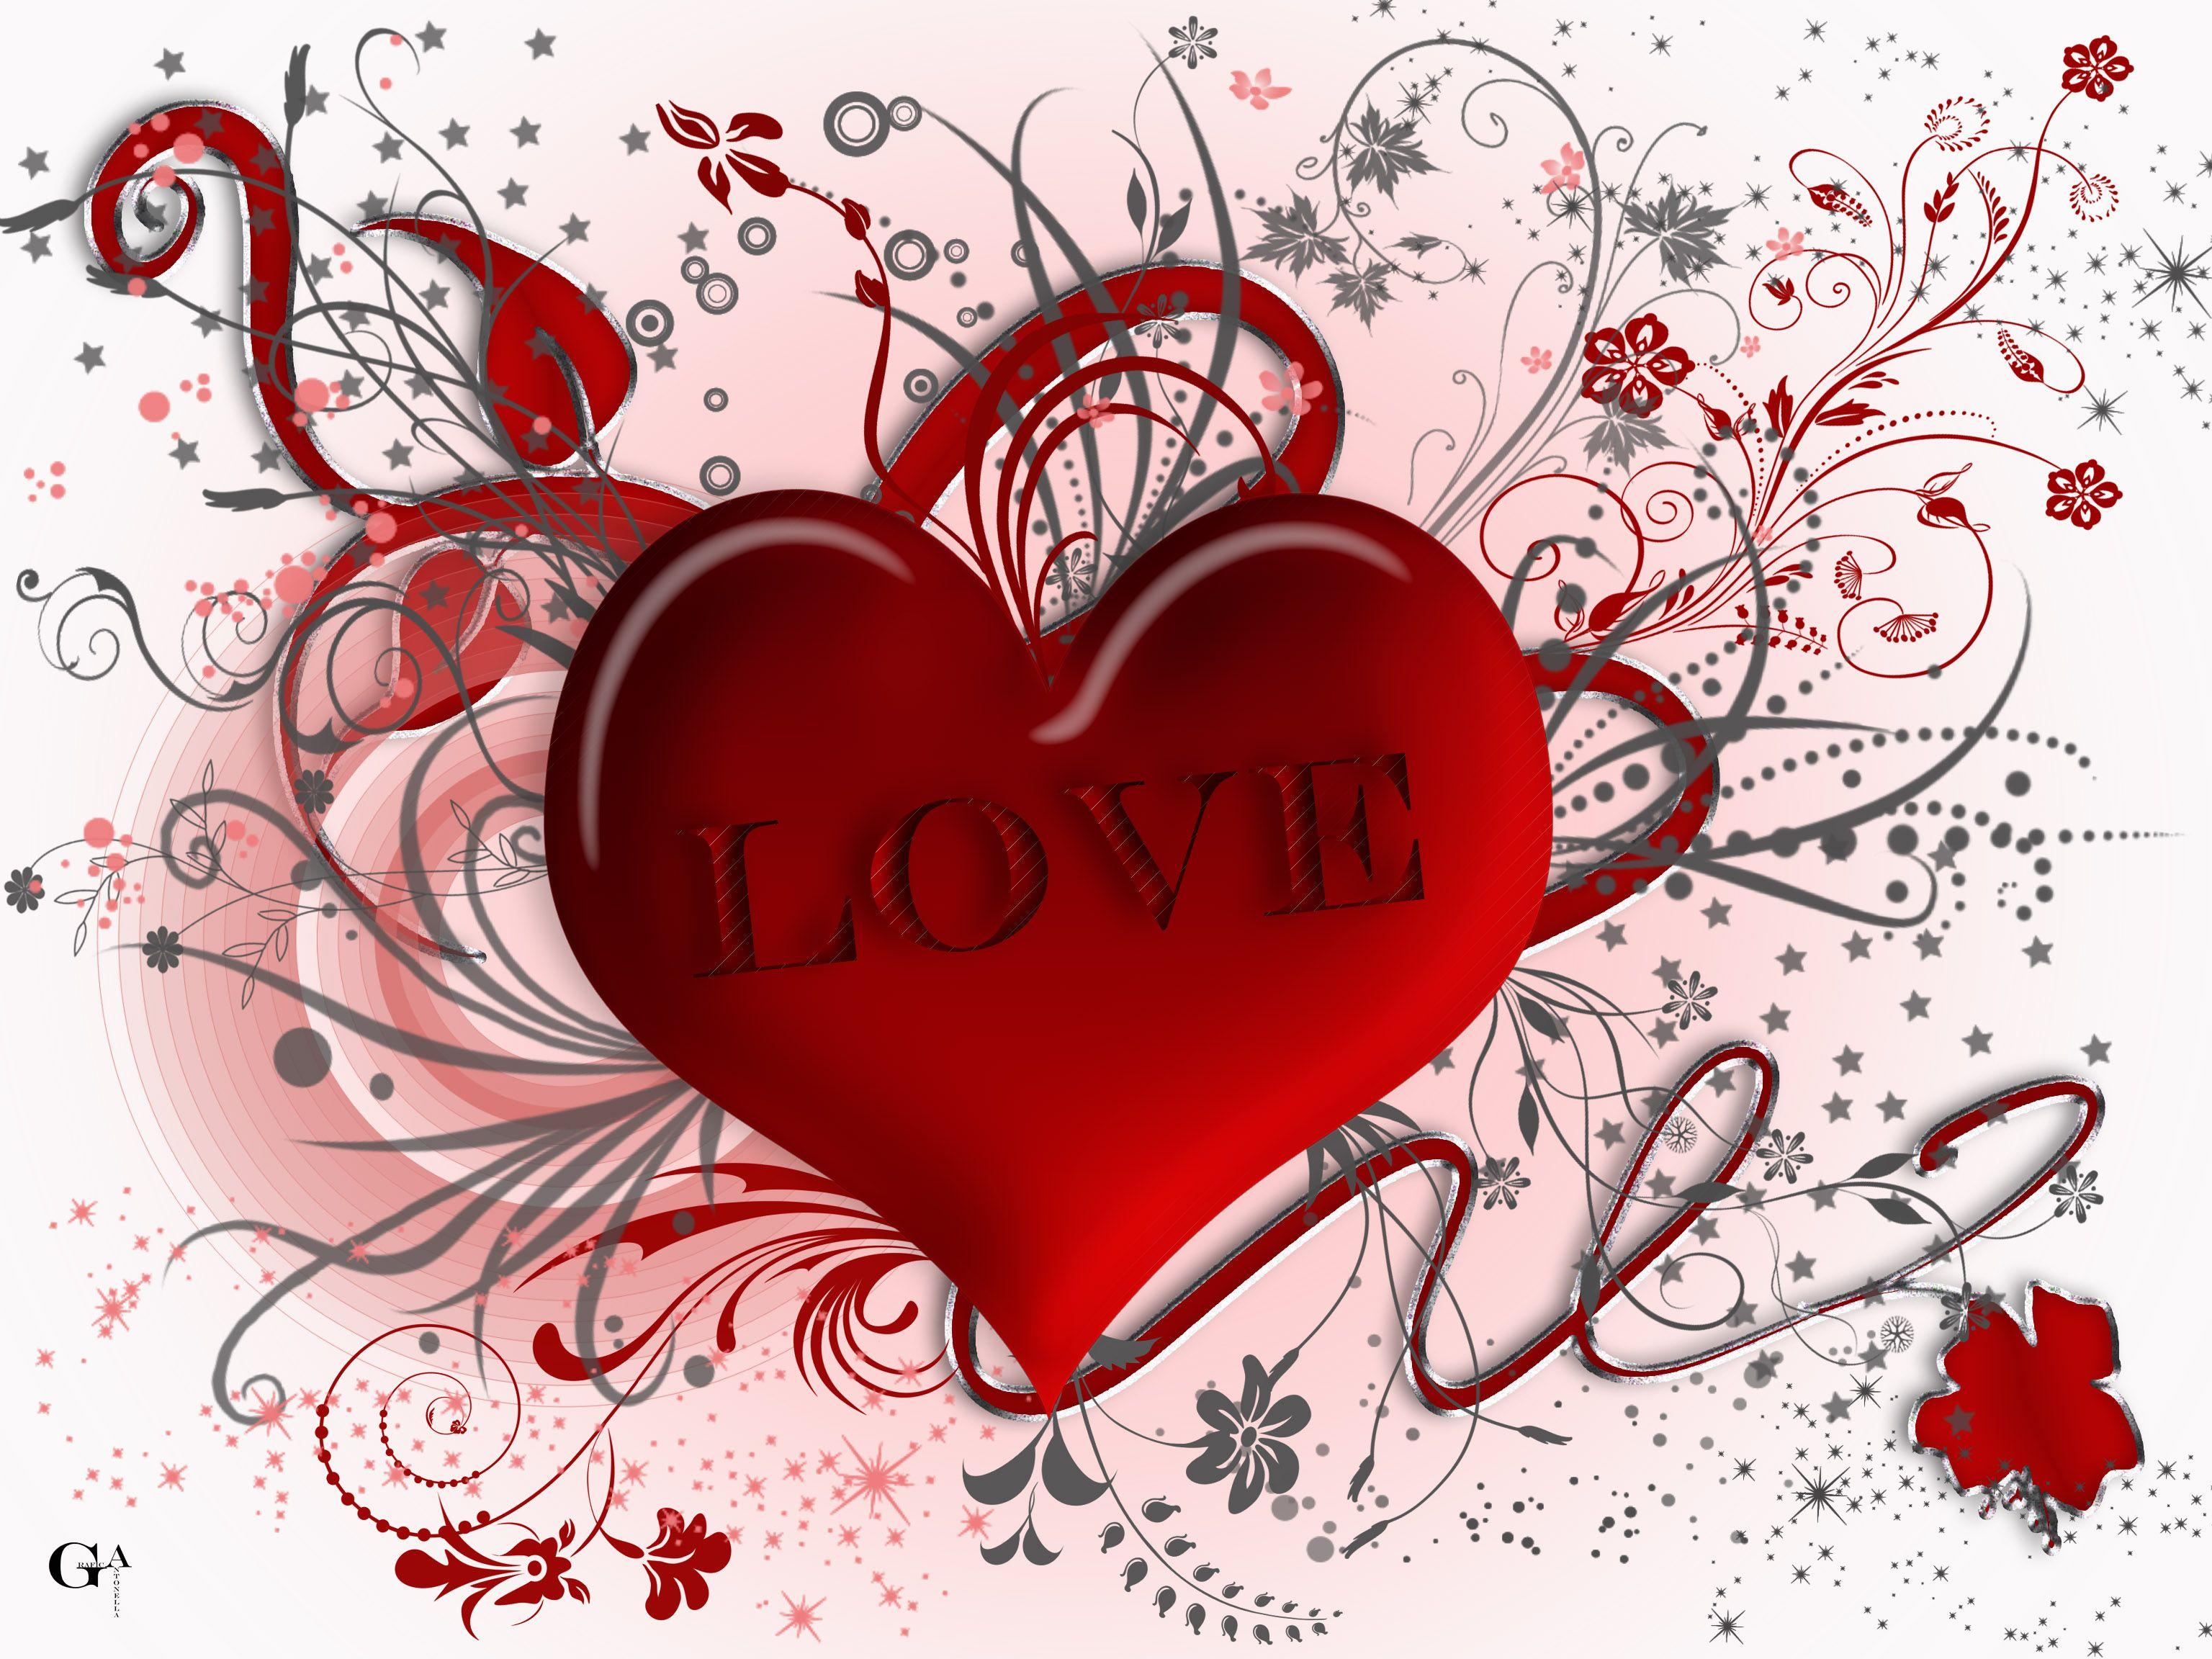 Sorprese San Valentino Per Lei sorprese san valentino per lei care amiche tra pochi giorni